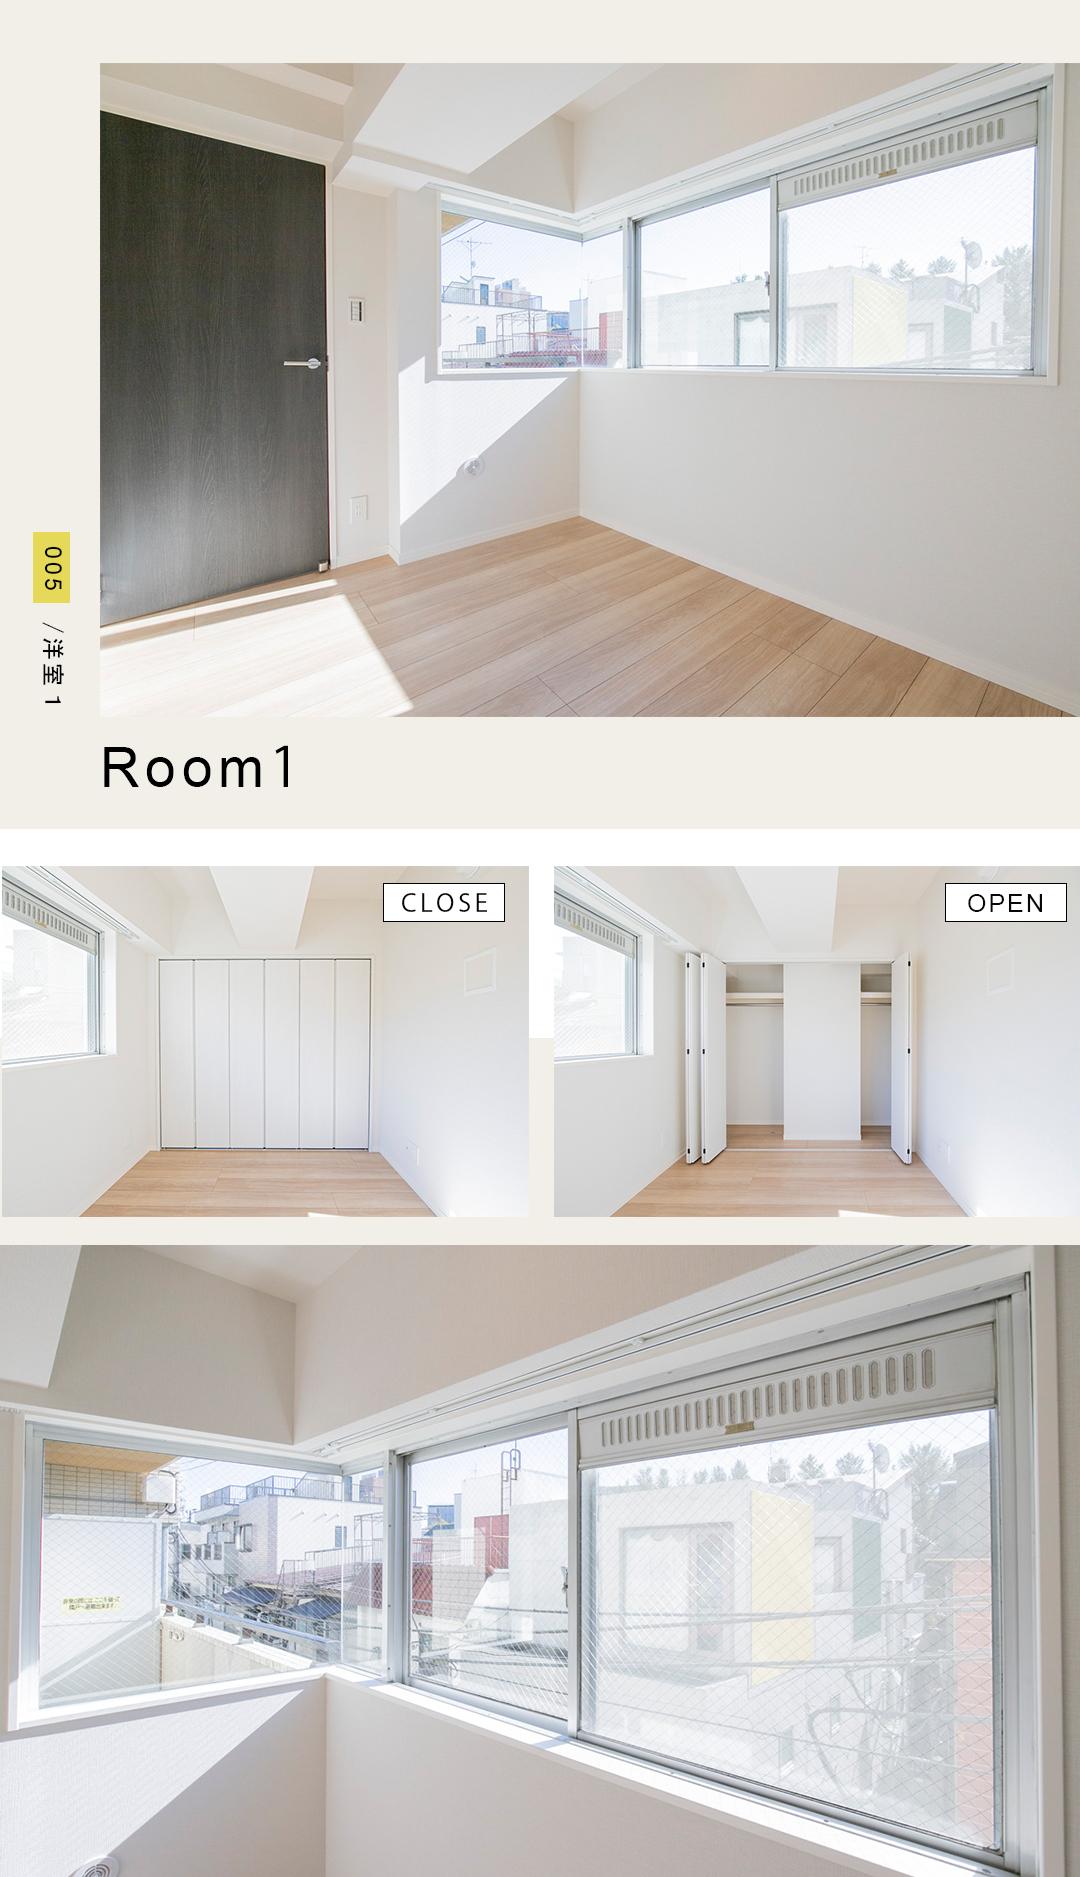 005,洋室1,room1,,,,,,,